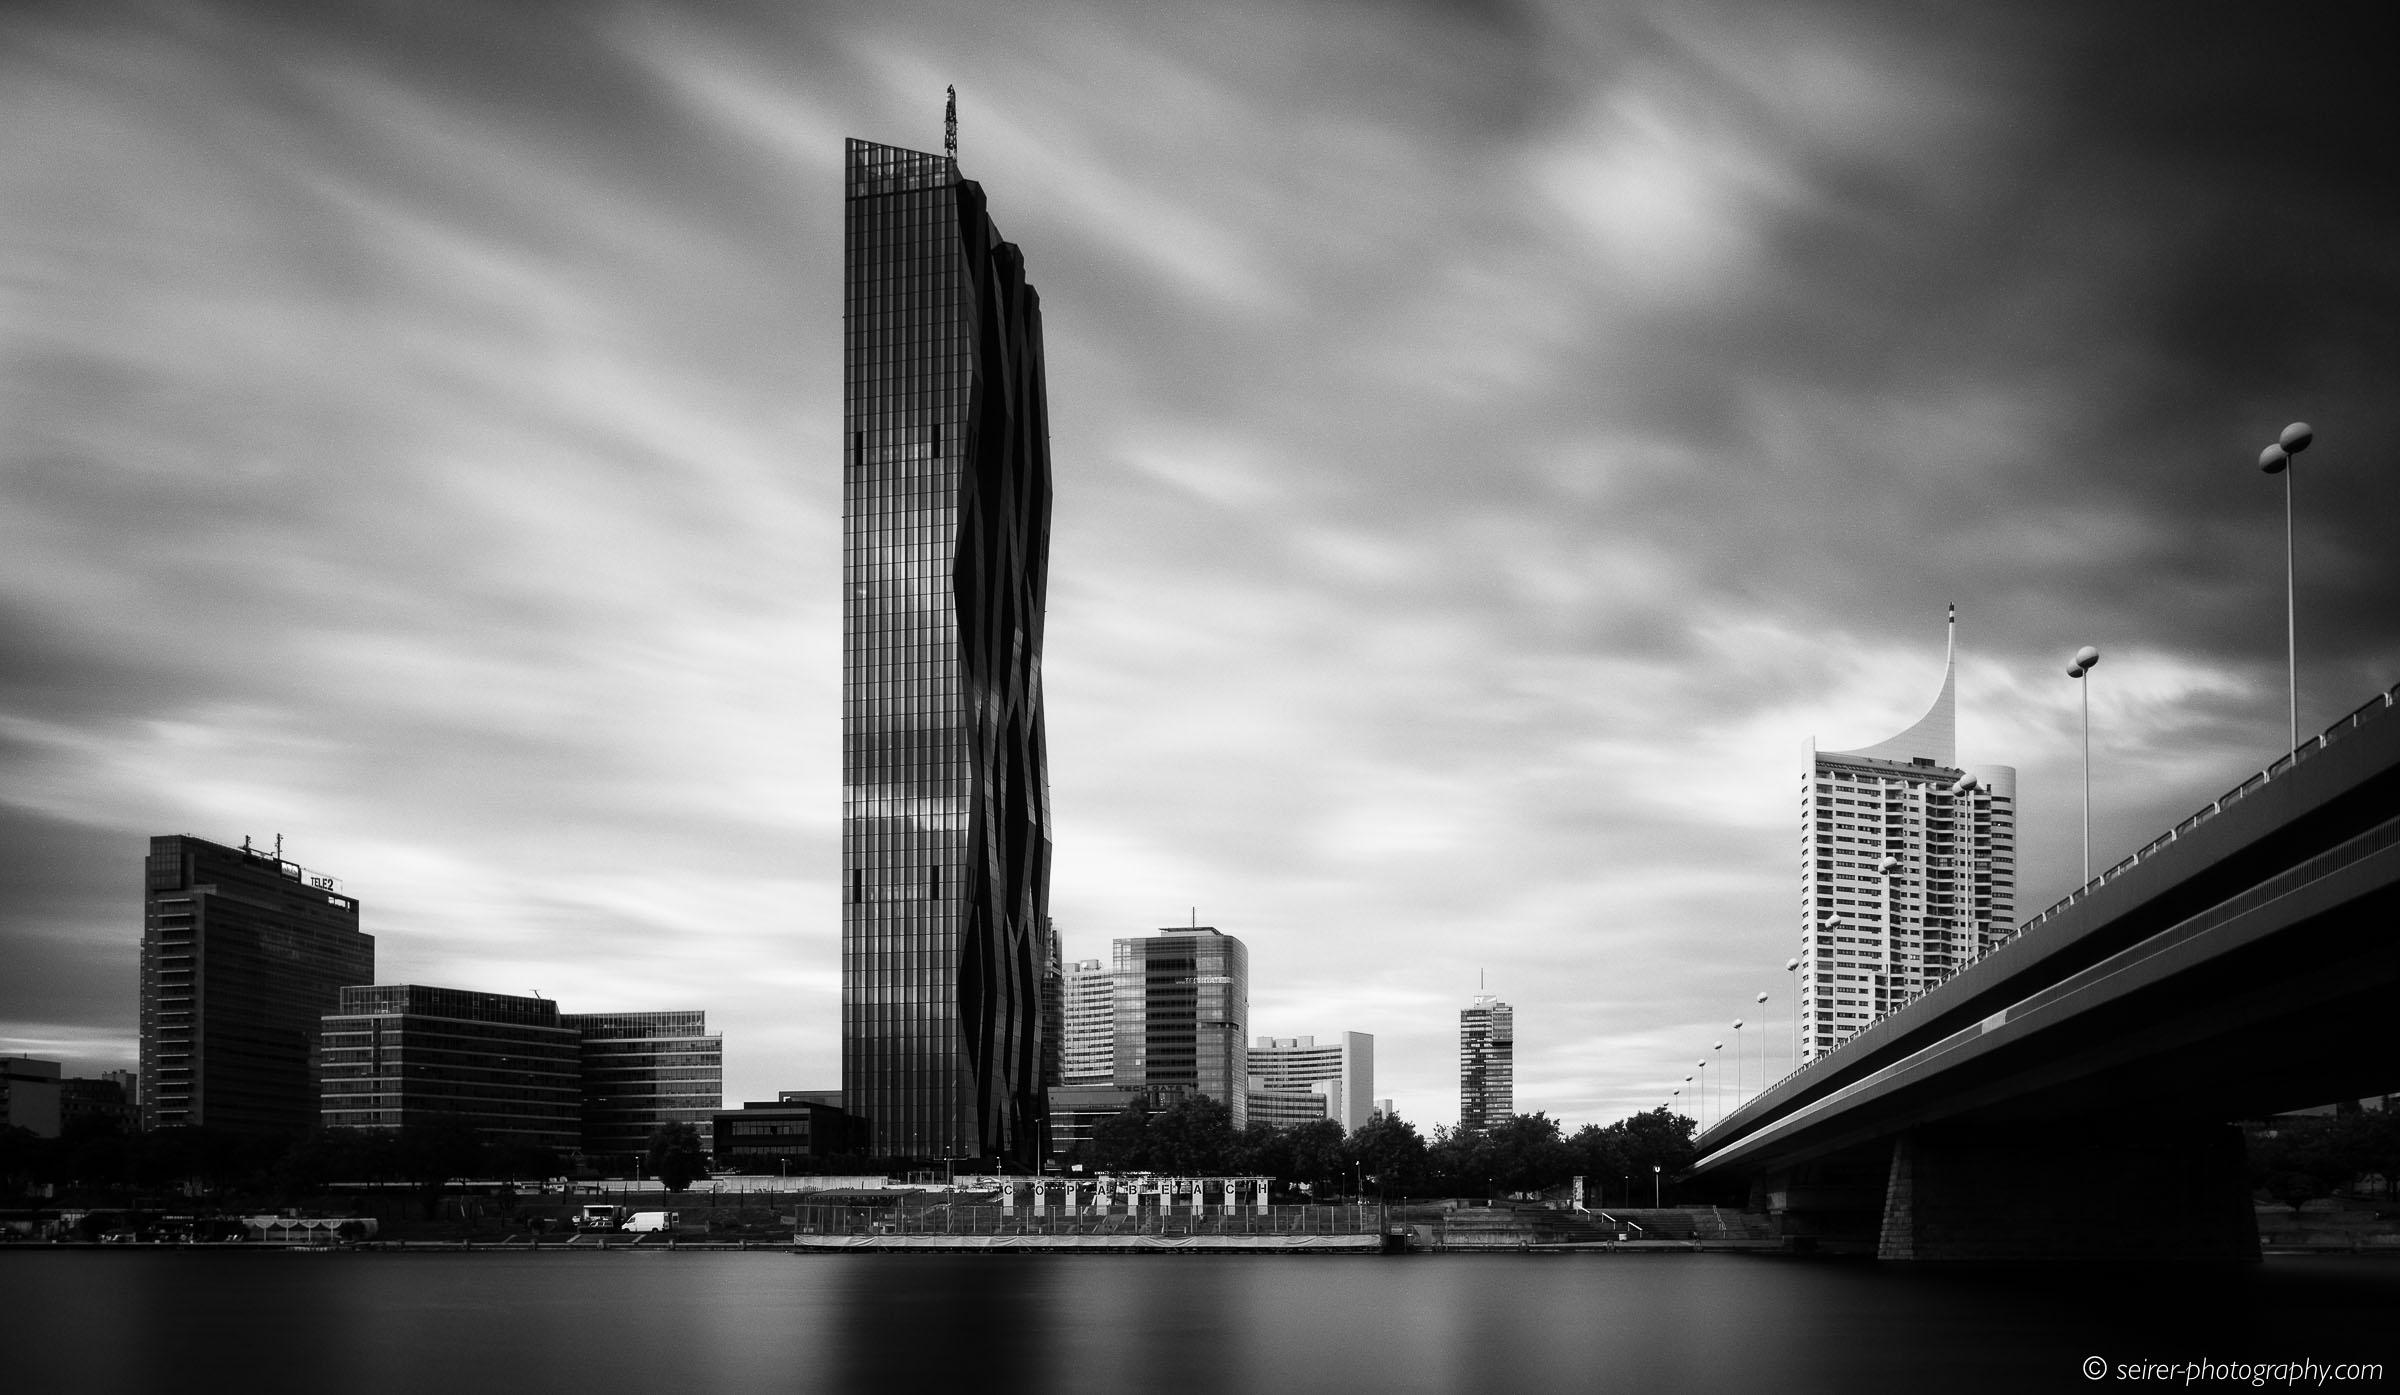 DC Tower von der Donauinsel aus gesehen